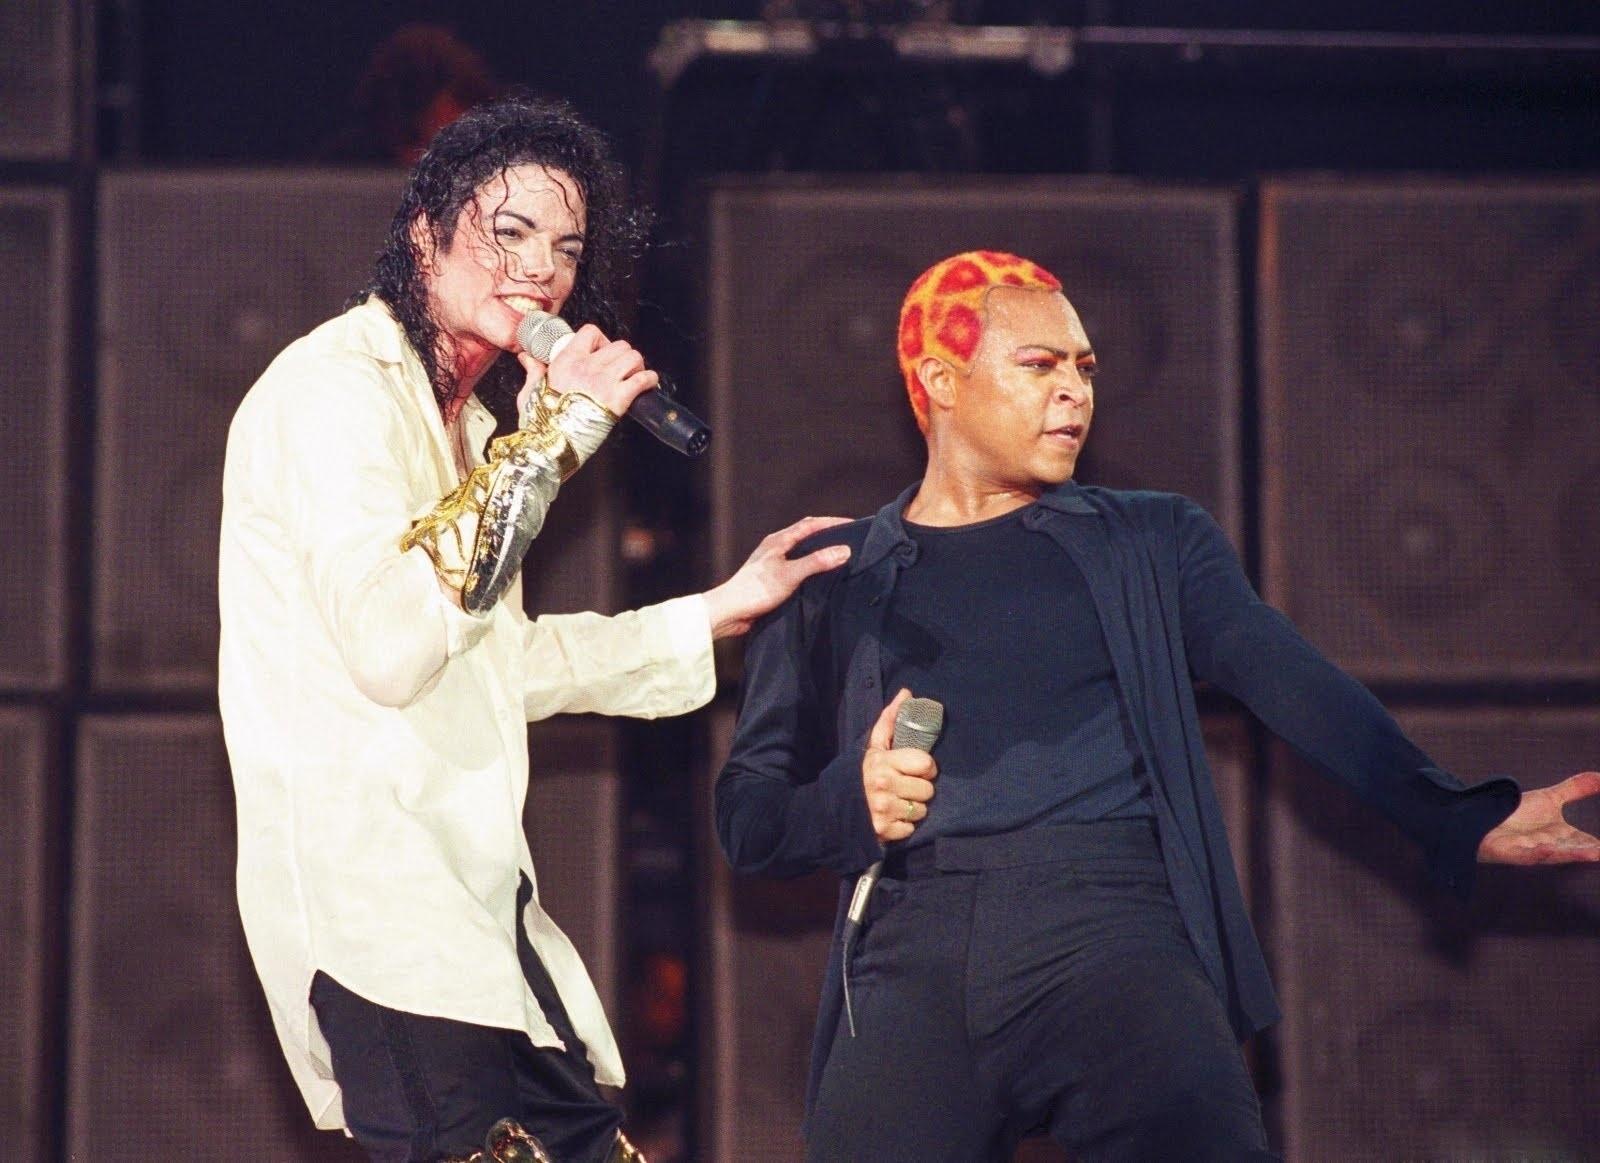 Michael Jackson e LaVelle Smith Jr., em show nos anos 1990